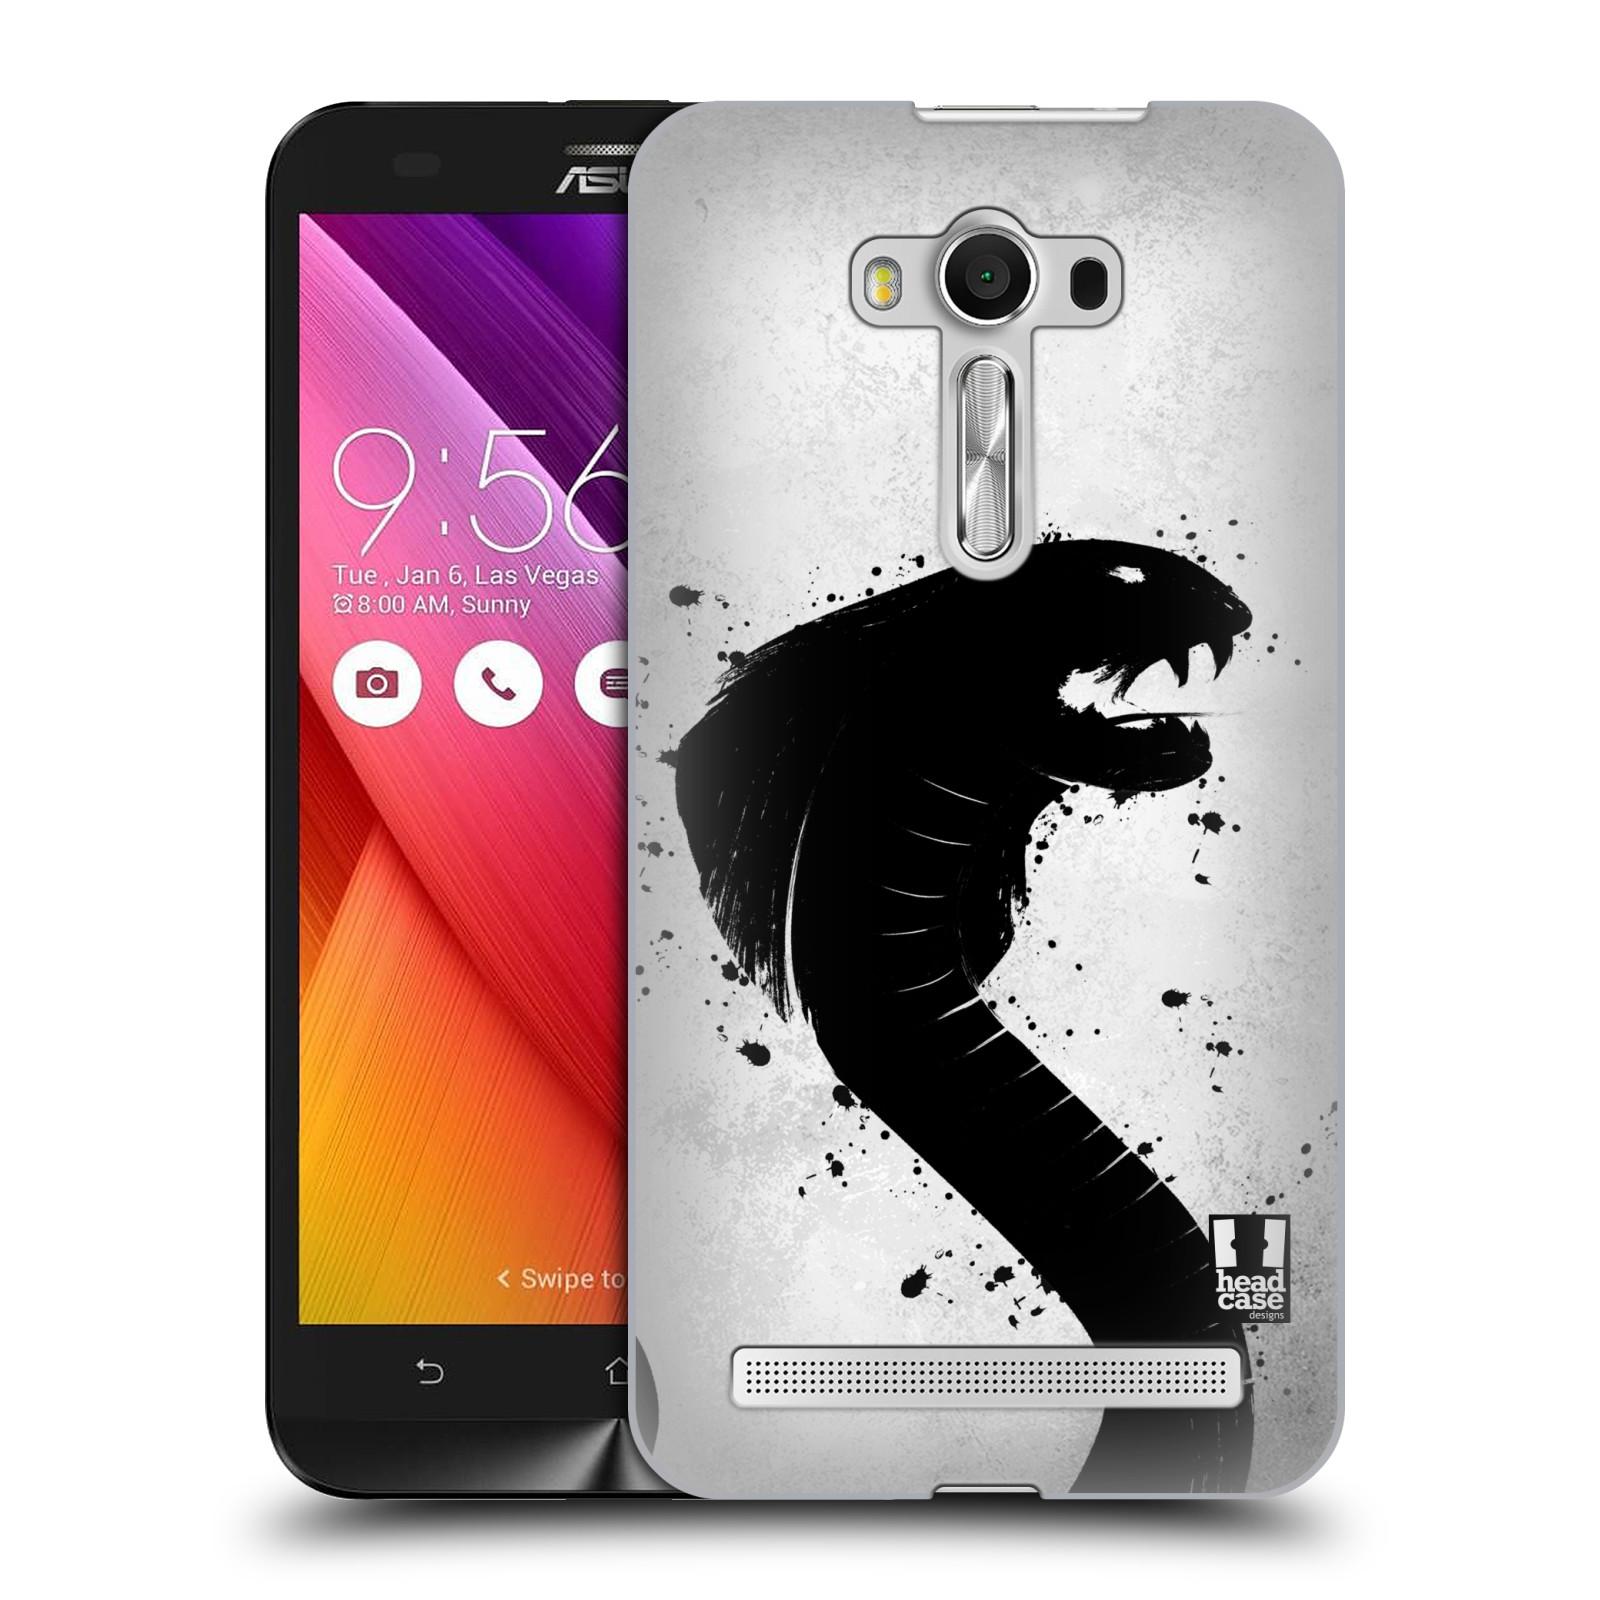 HEAD CASE plastový obal na mobil Asus Zenfone 2 LASER (5,5 displej ZE550KL) vzor Kresba tuš zvíře had kobra